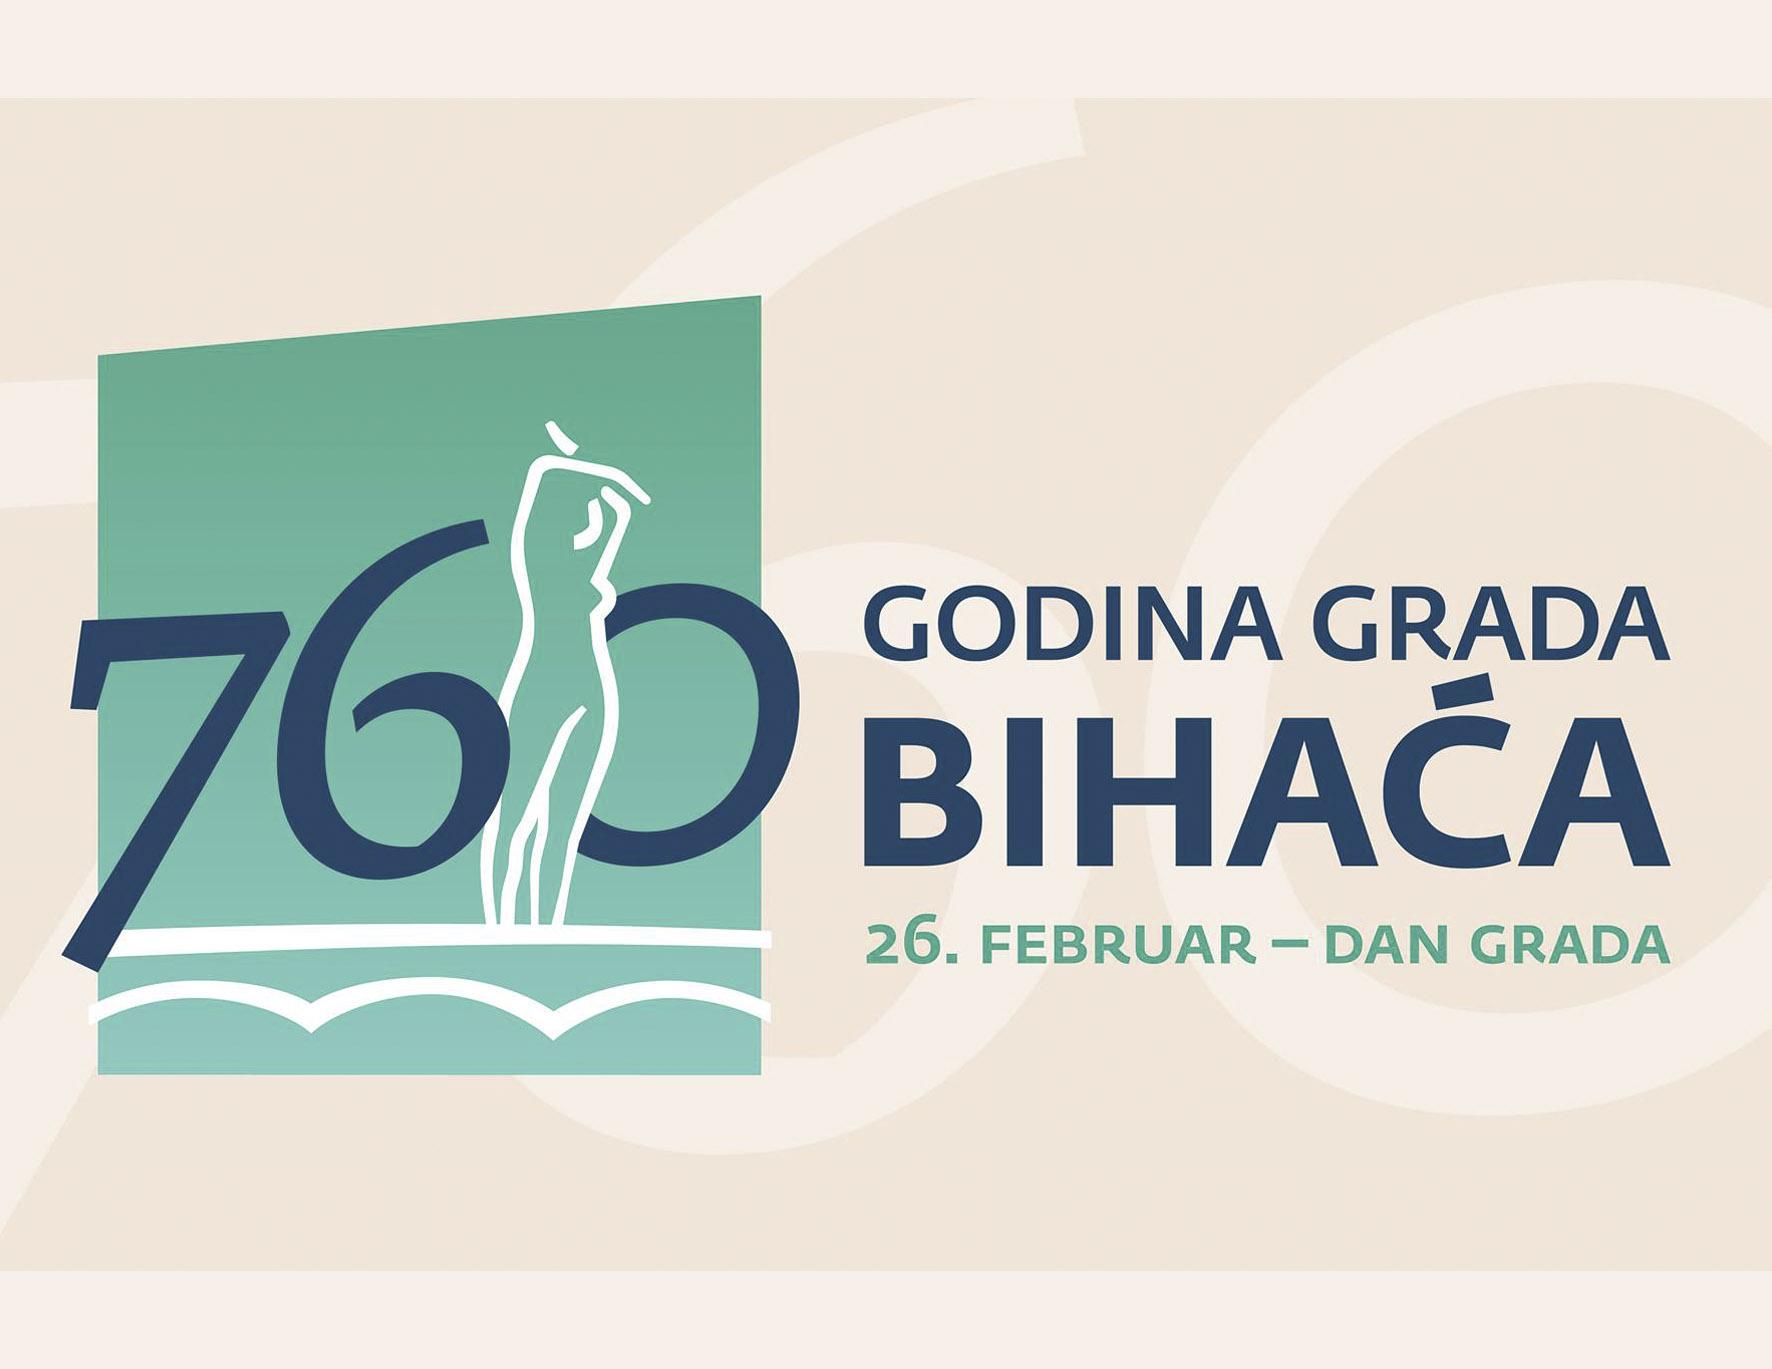 Povelja Grada Bihaća nastavnicima Univerziteta u Bihaću Šeherzadi Džafić i Irfanu Hošiću